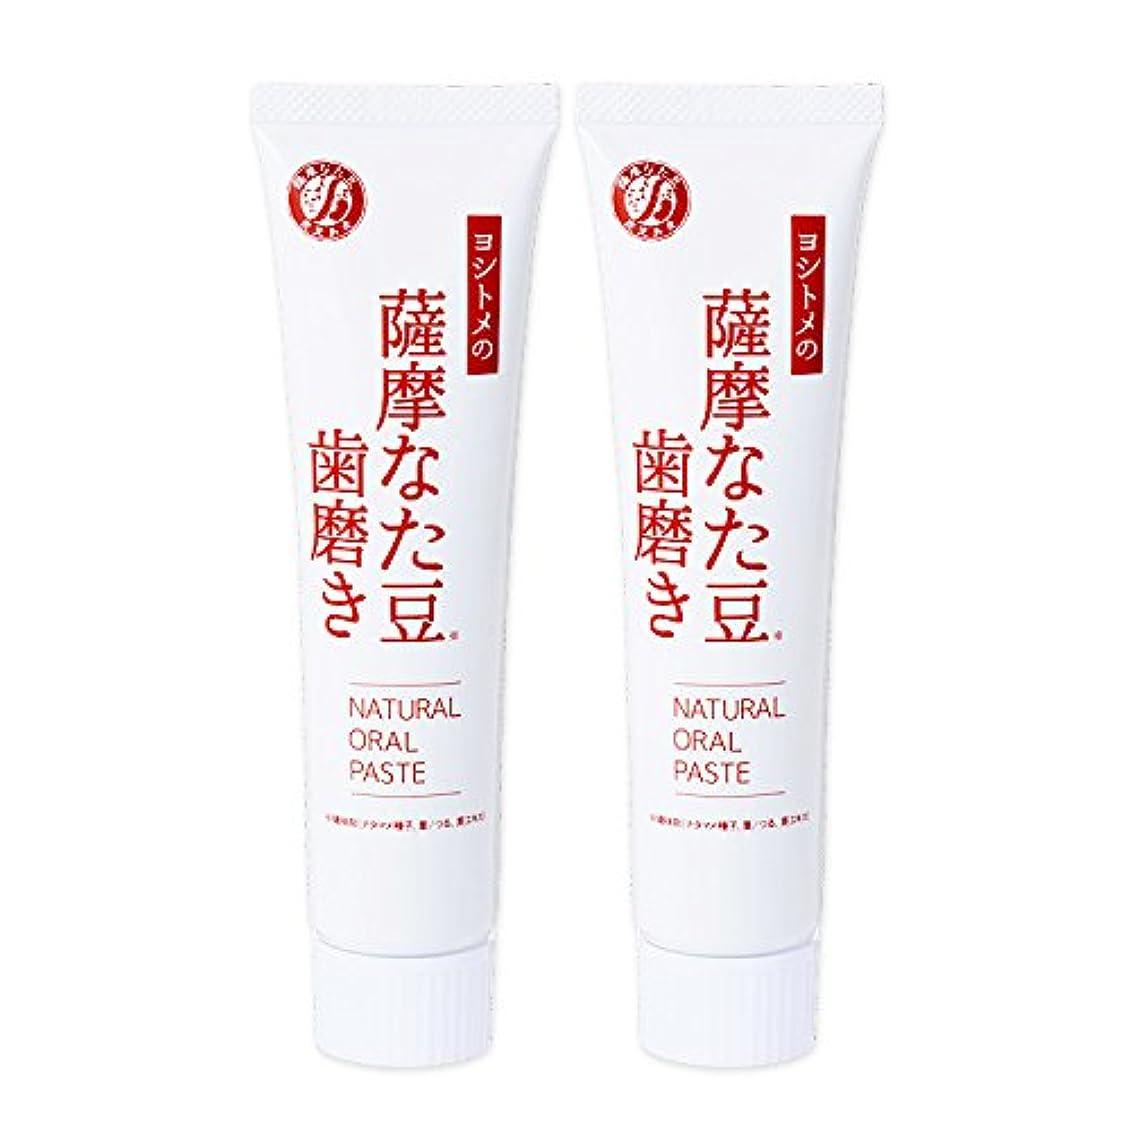 金額エンゲージメントレンダリングヨシトメの薩摩なた豆歯磨き [110g]白箱◆2個セット